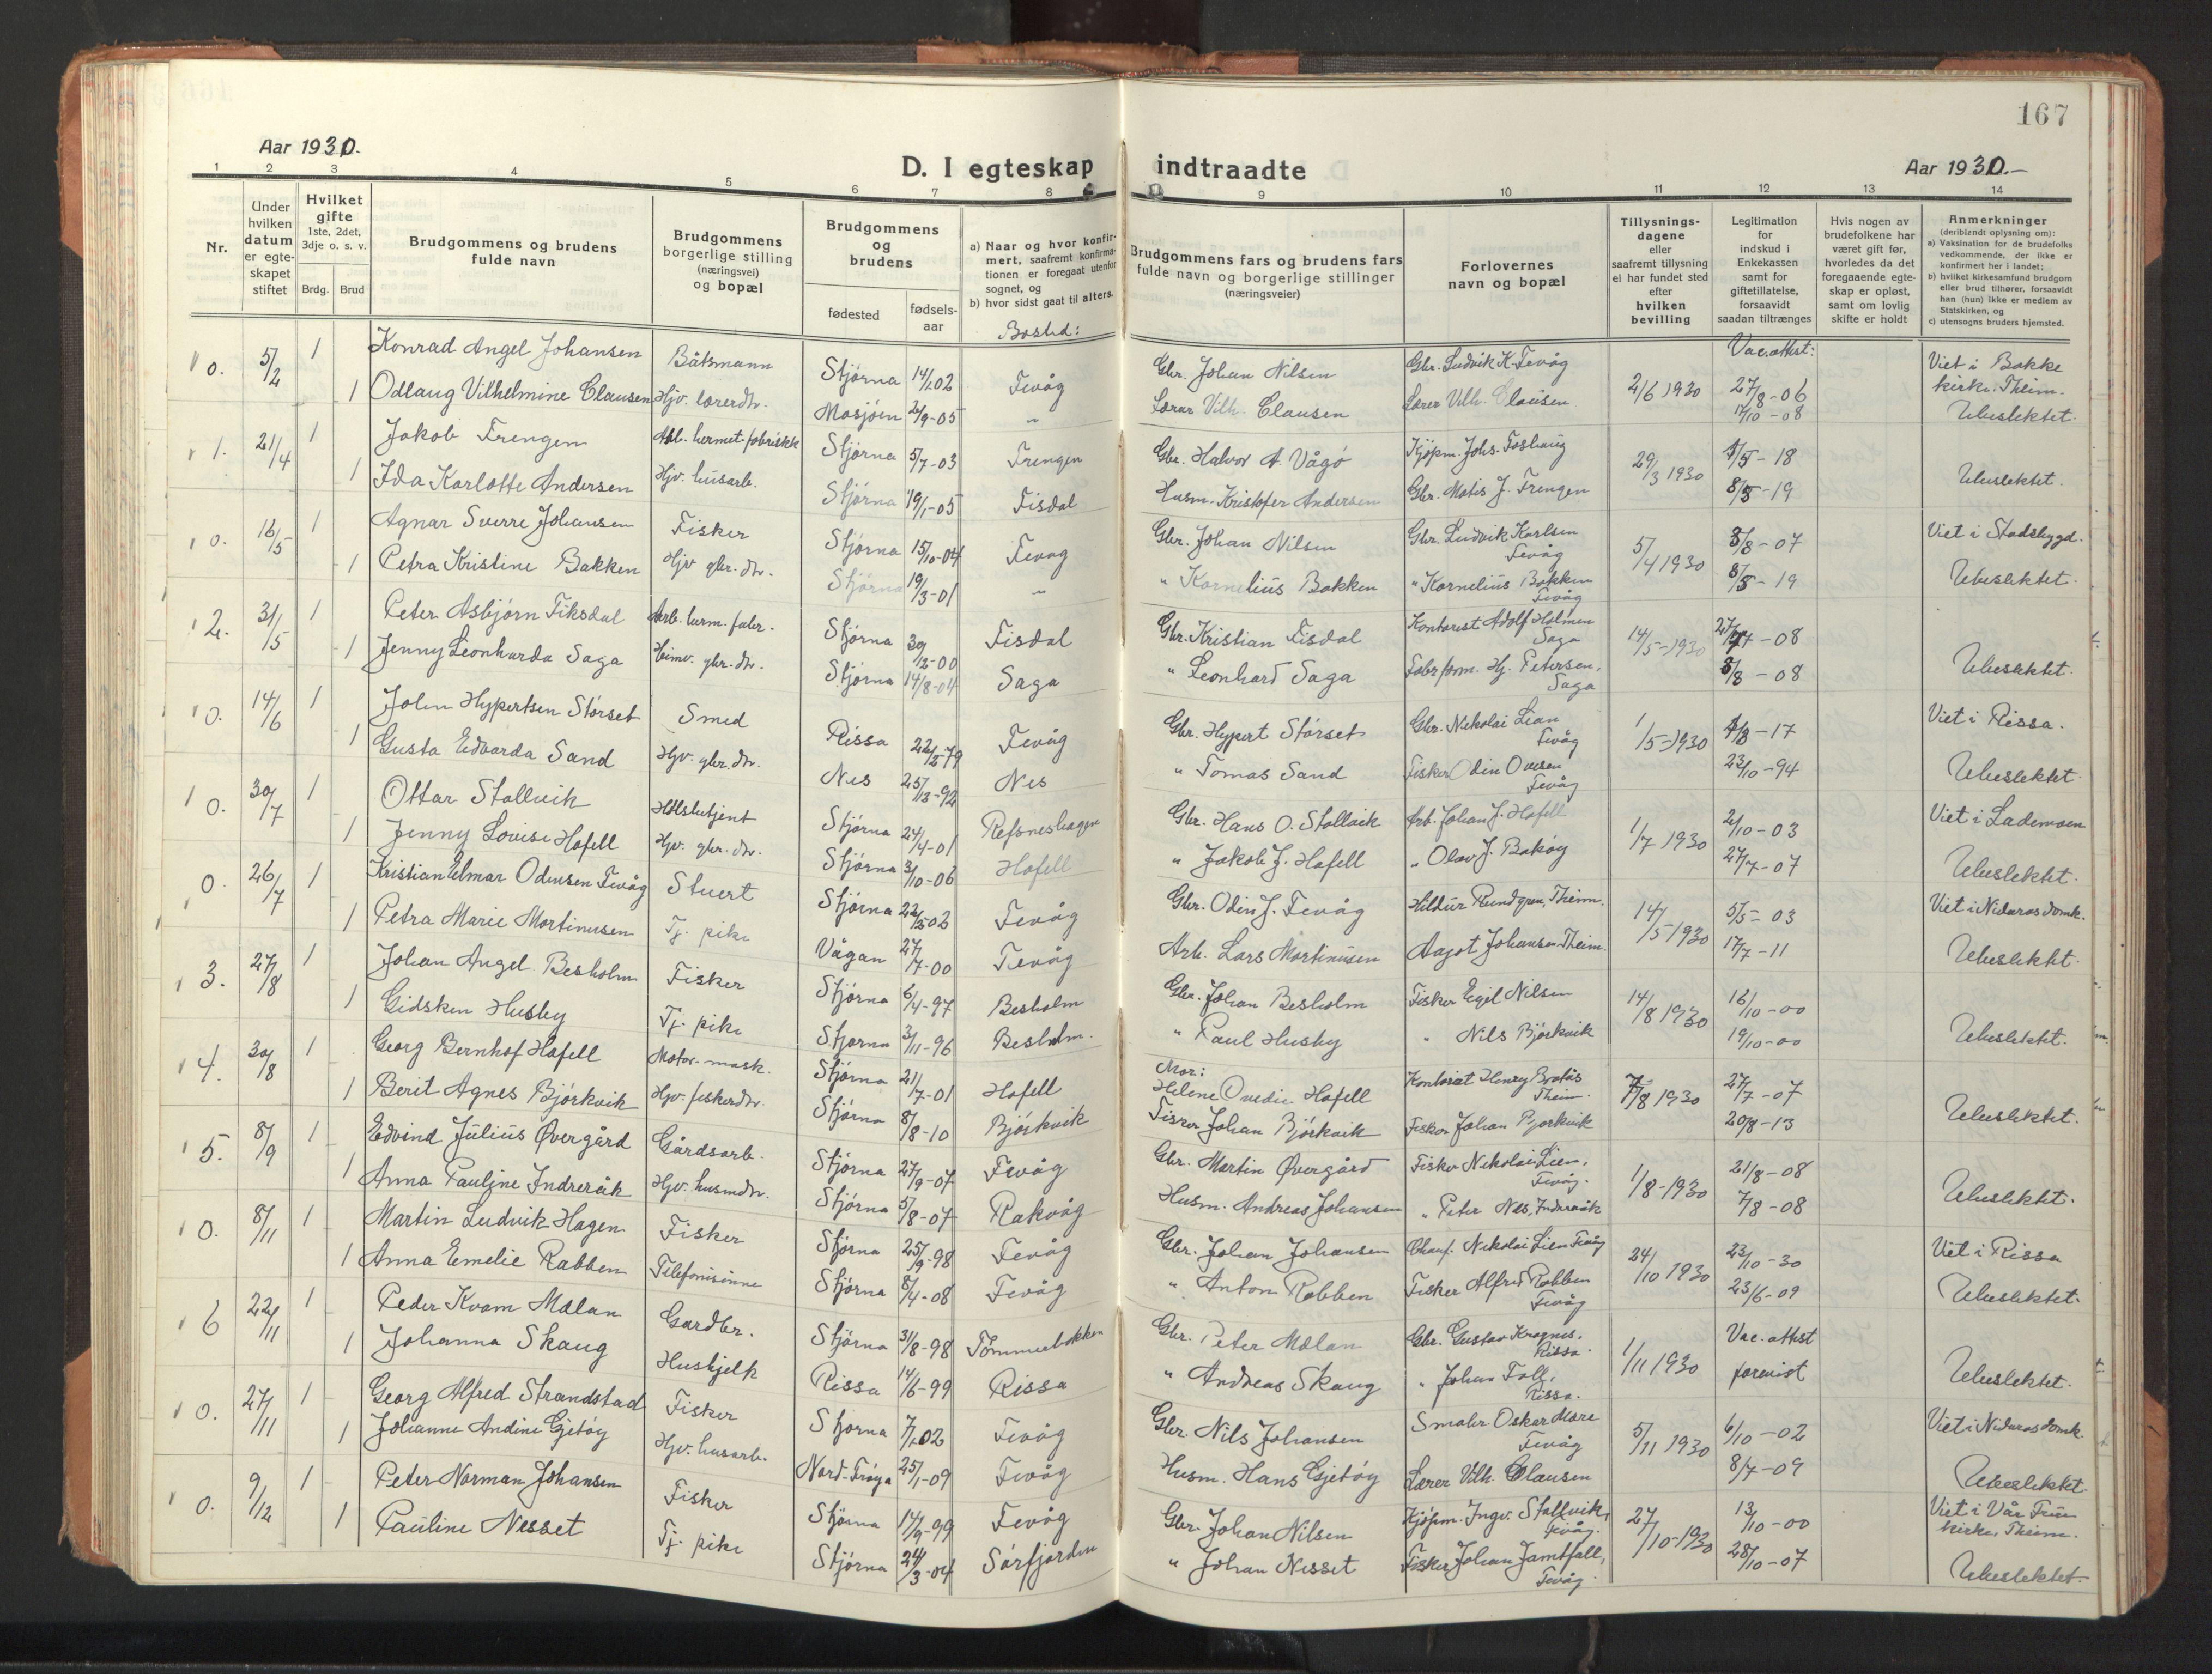 SAT, Ministerialprotokoller, klokkerbøker og fødselsregistre - Sør-Trøndelag, 653/L0658: Klokkerbok nr. 653C02, 1919-1947, s. 167